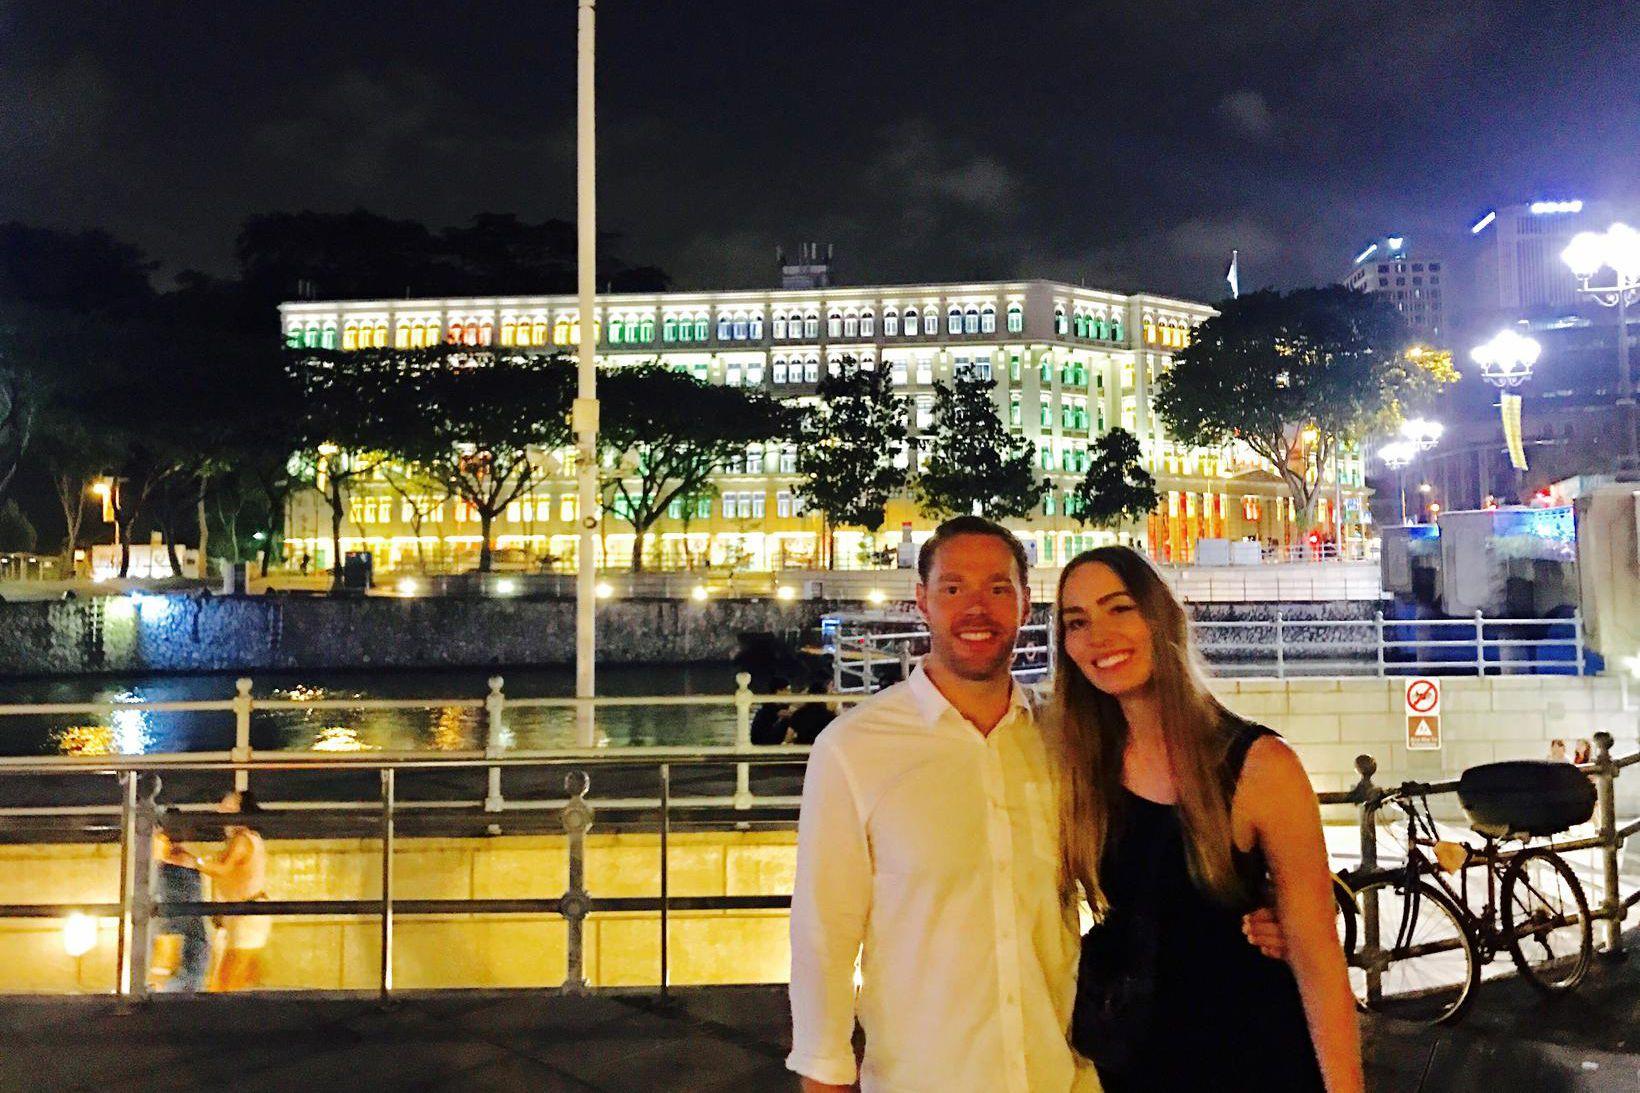 María og Ellert í Singapúr.